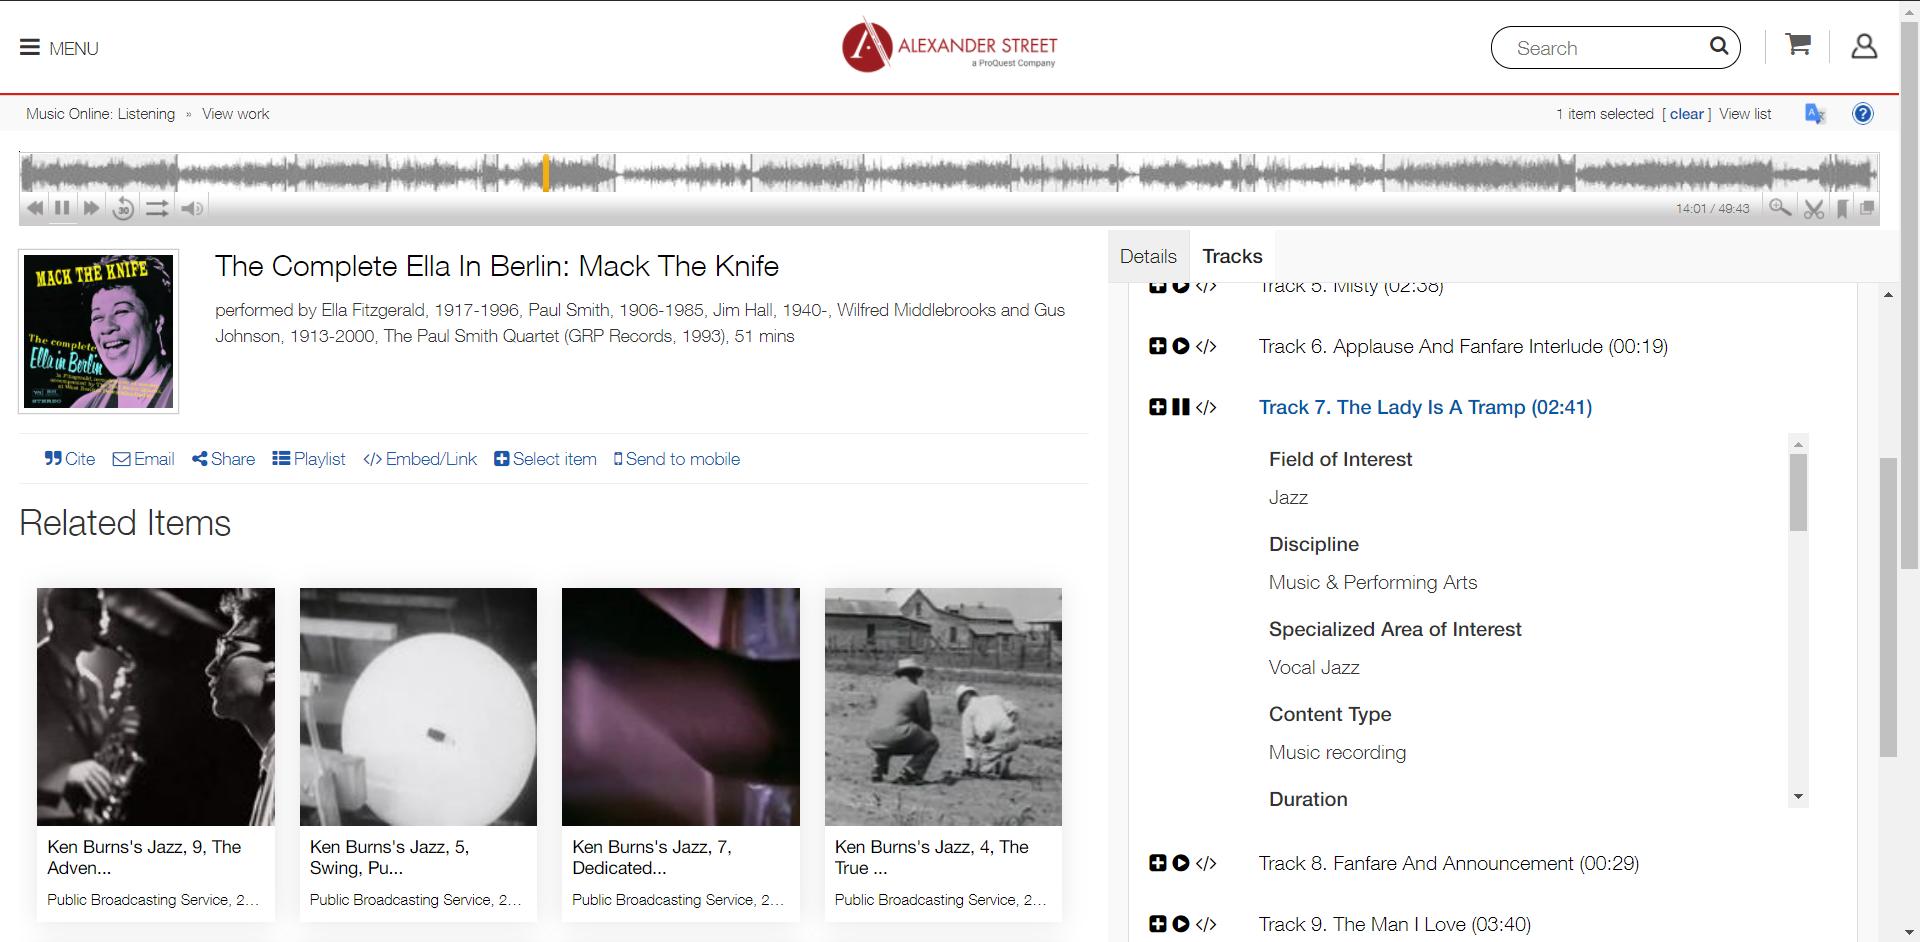 Example of Audio Item